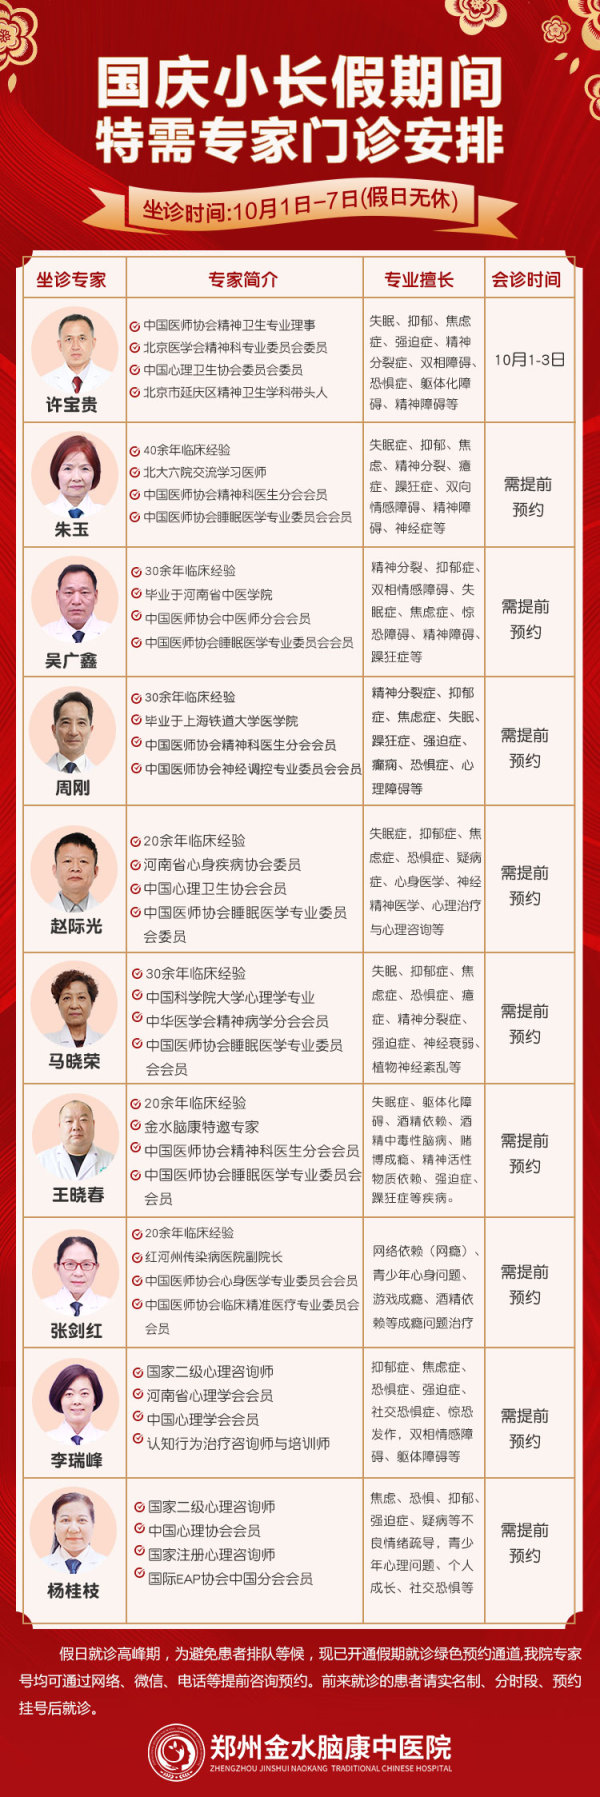 郑州金水脑康中医院国庆不放假特邀北京专家联合会诊